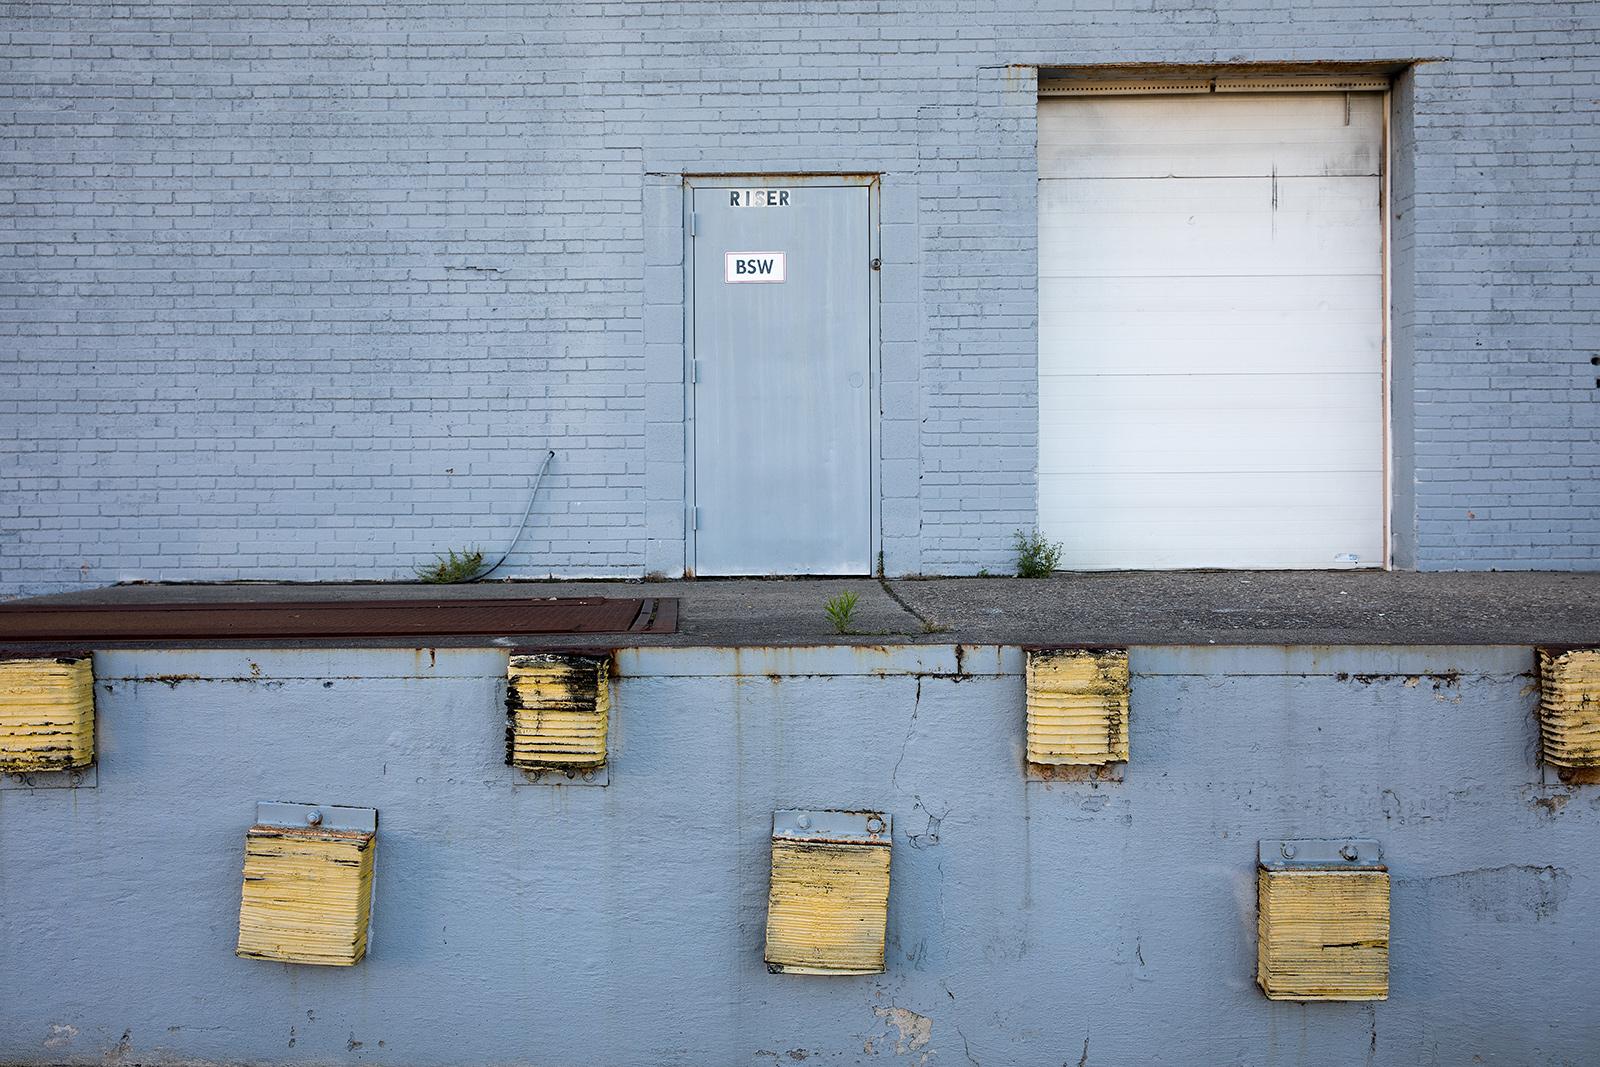 Irondequoit, NY